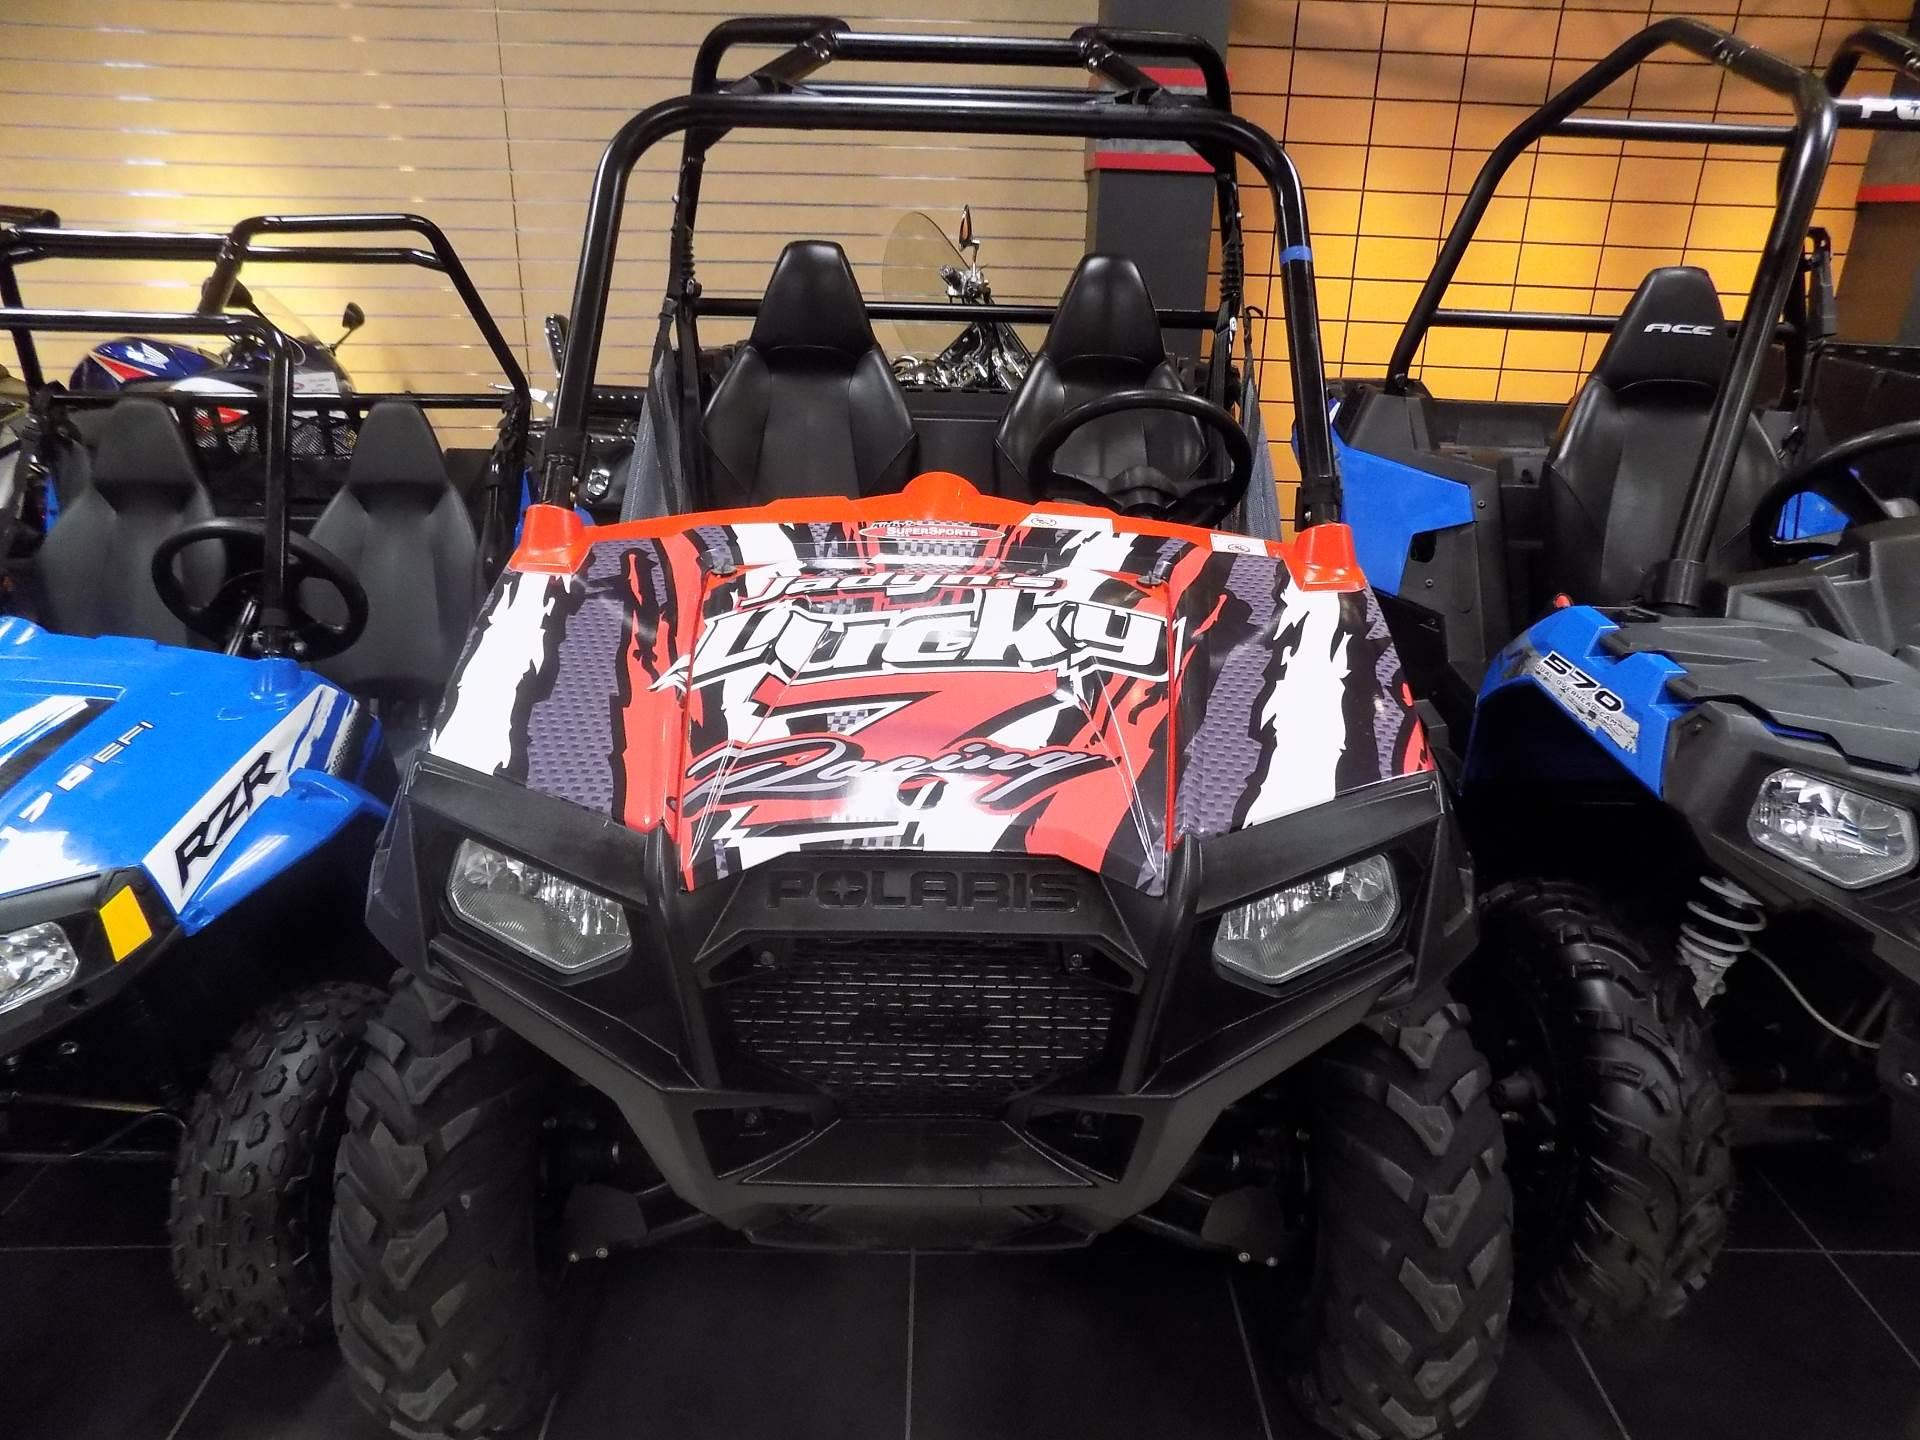 2012 Ranger RZR 570